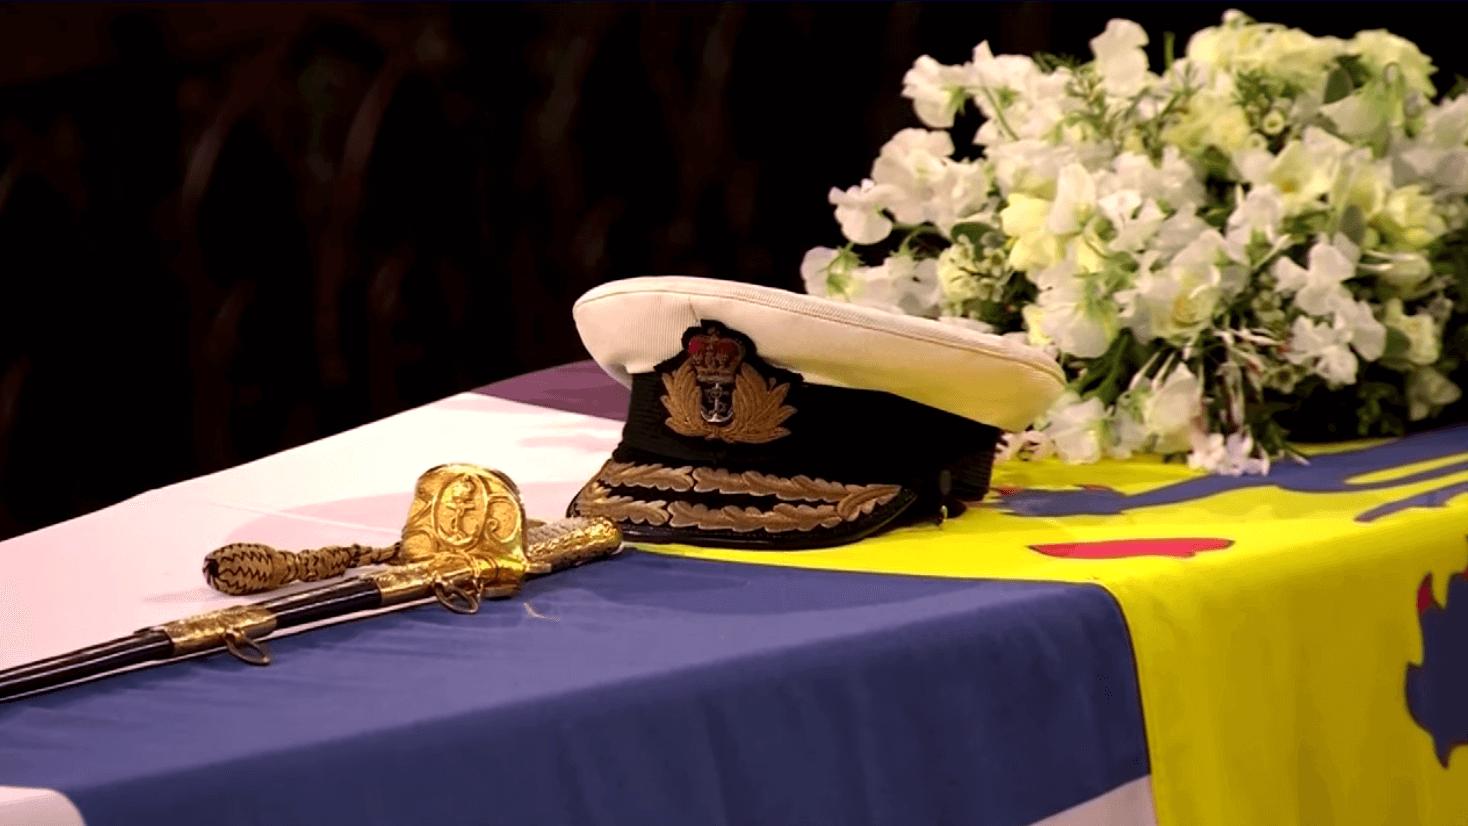 菲臘親王靈柩上放了他的海軍帽及佩劍